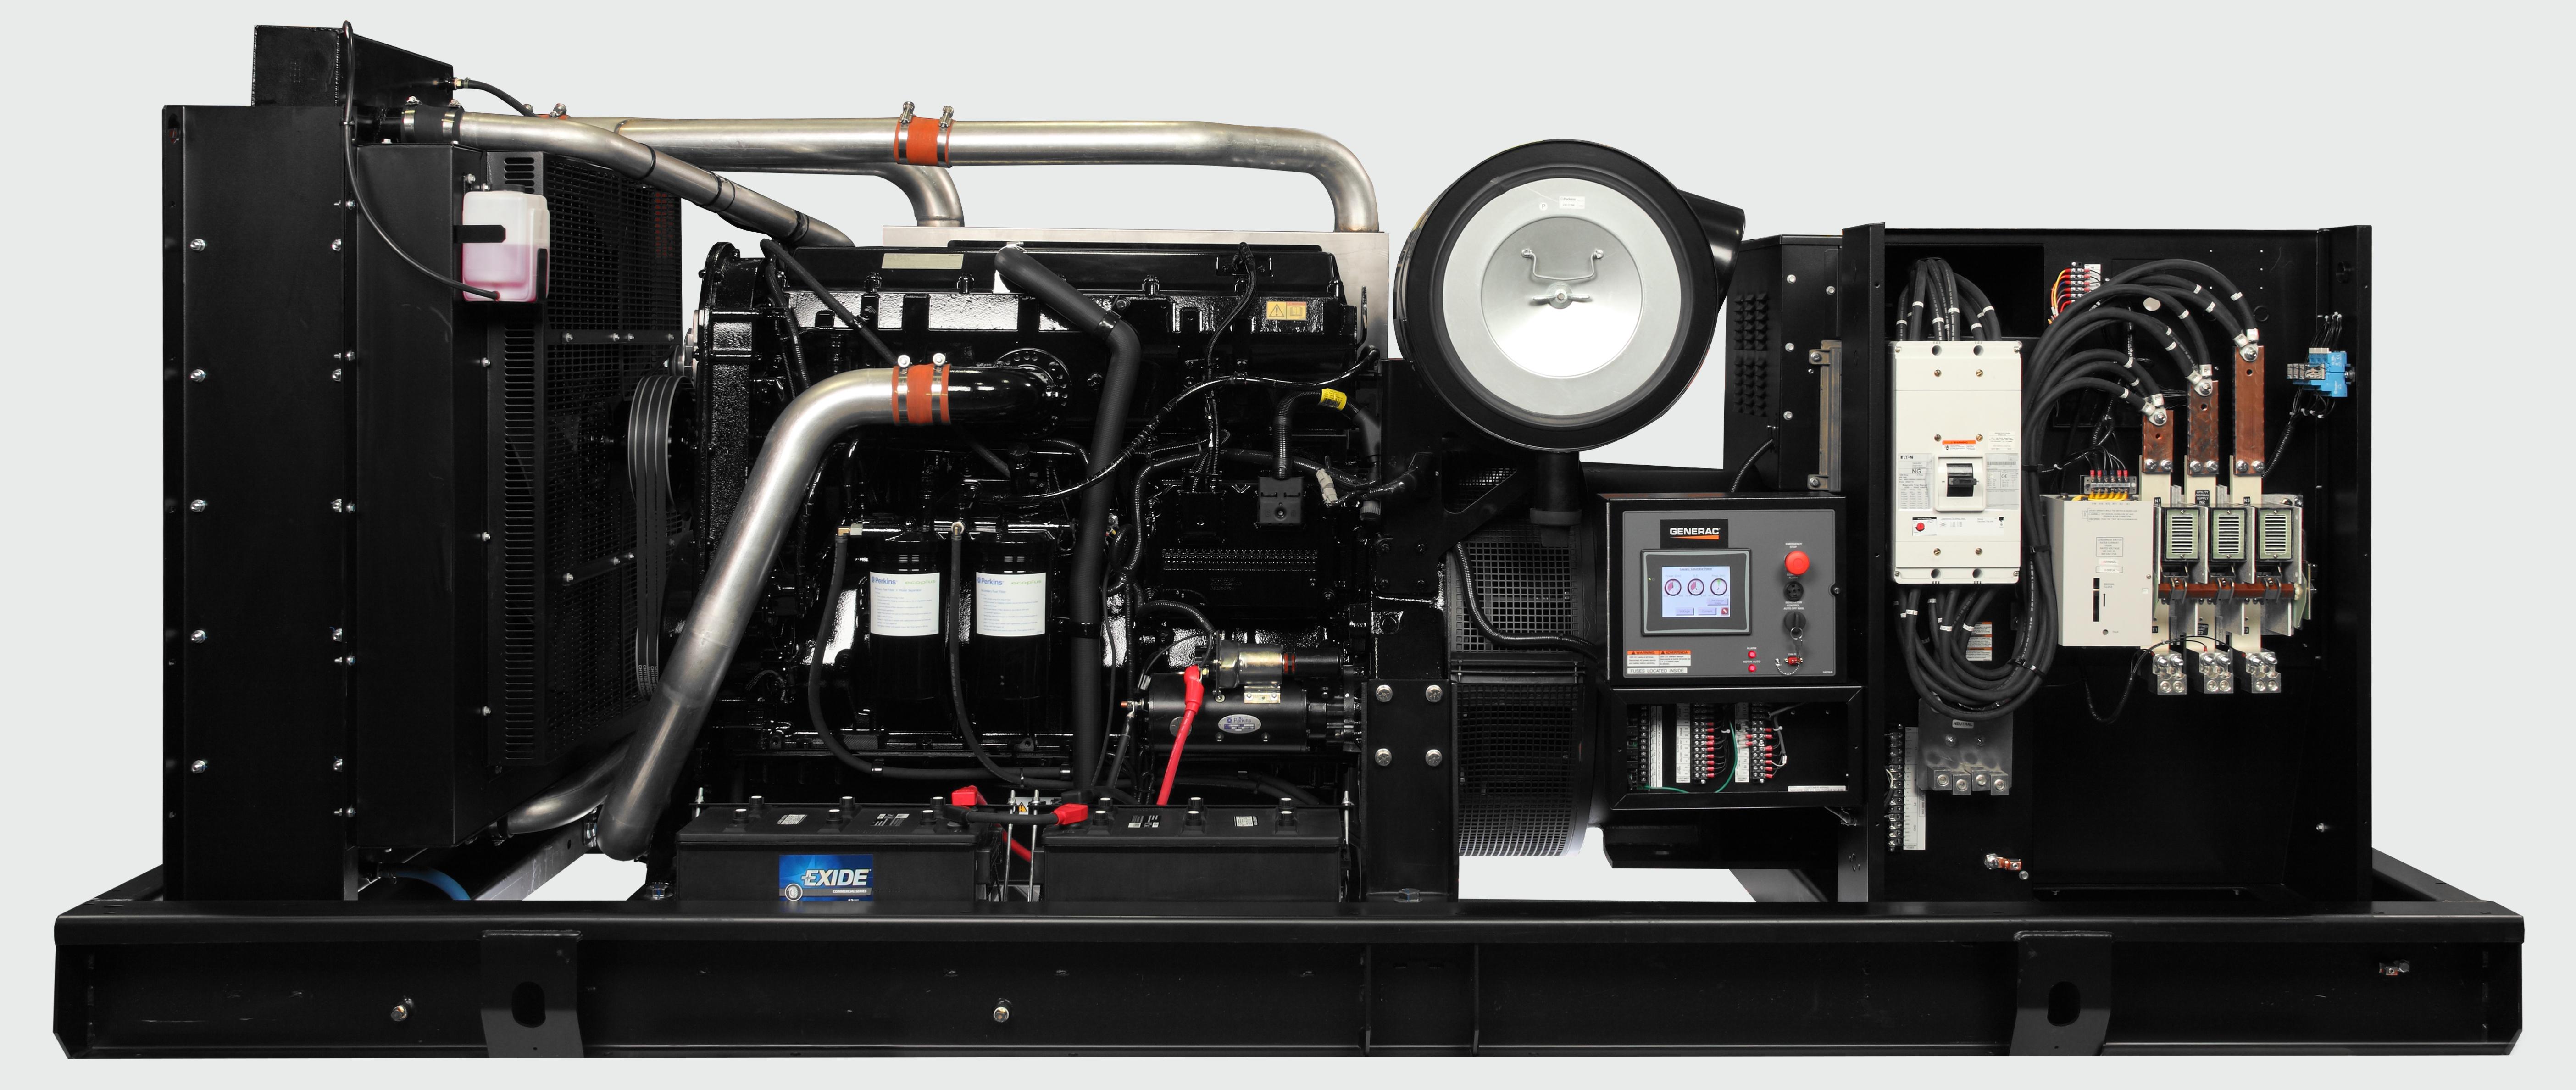 Standardization Across Diesel 400 600kW Diesel Generators